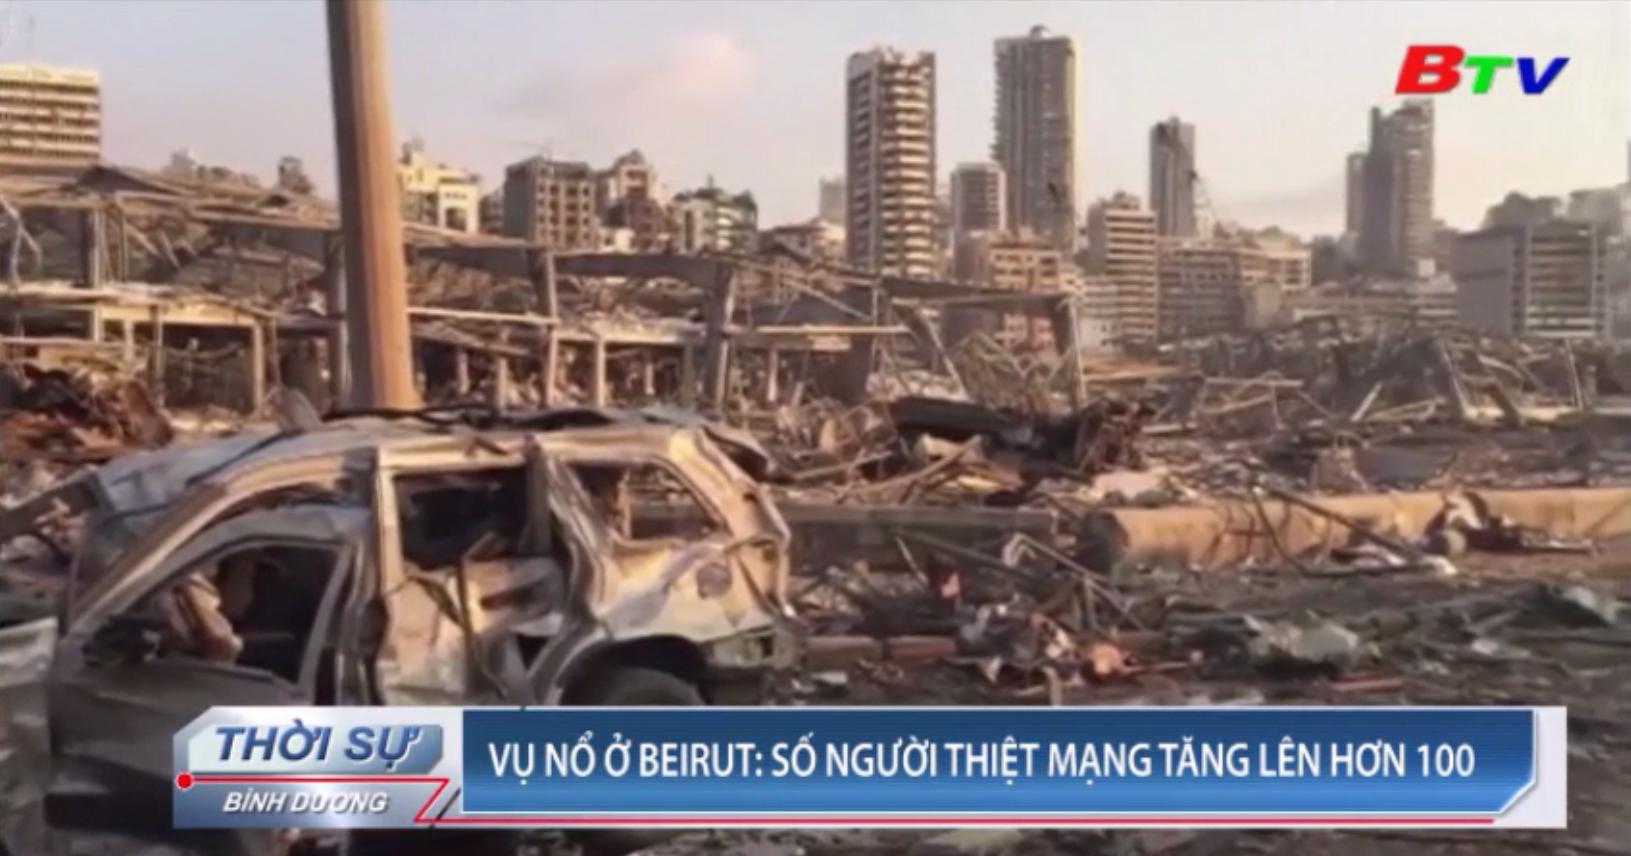 Vụ nổ ở Beirut - Số người thiệt mạng tăng lên hơn 100